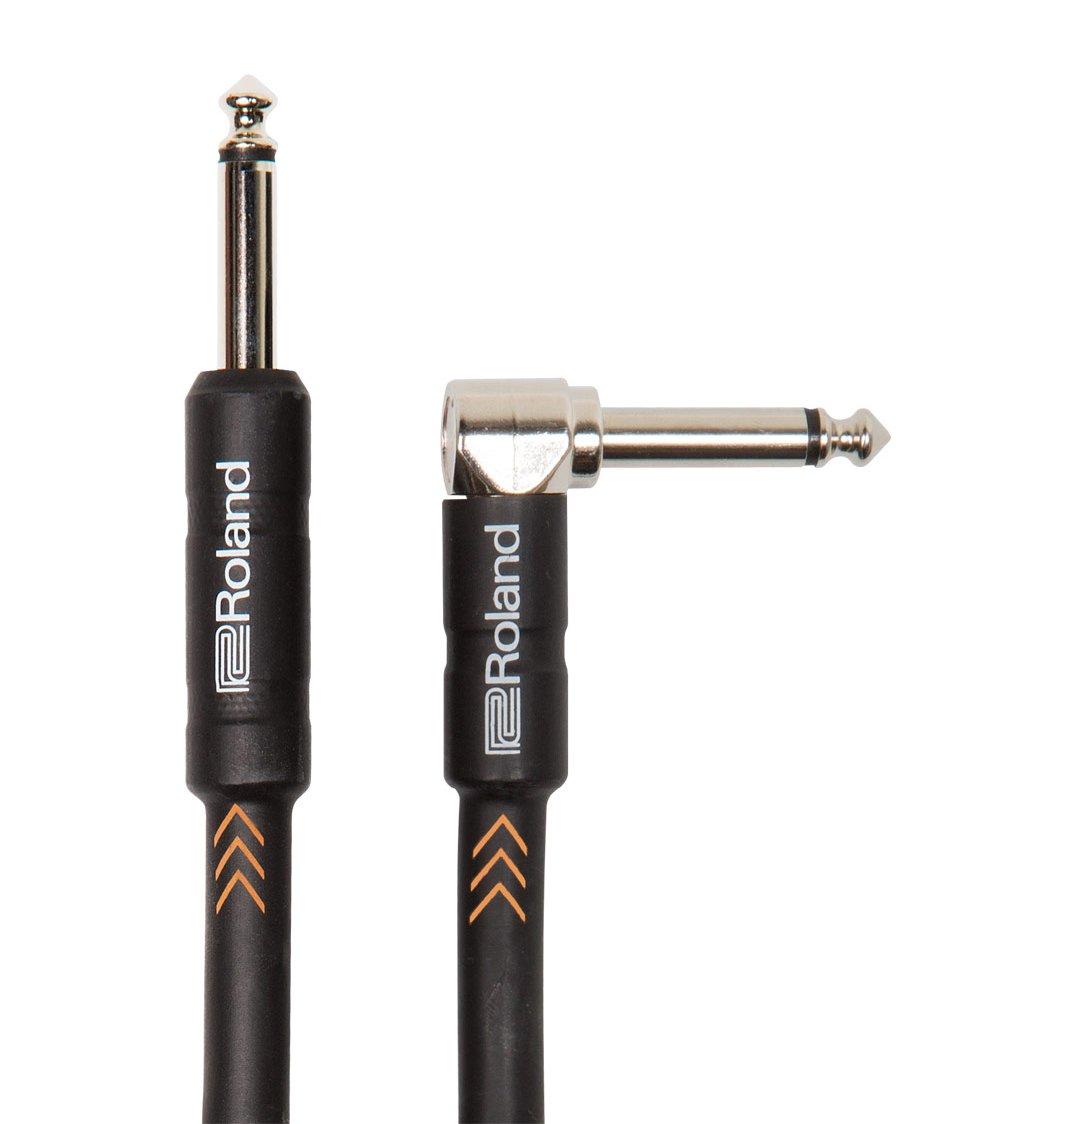 Cavo per strumenti Roland Black Series - 1,5m/5ft, spina angolo retto/dritta da 1/4' - RIC-B5A spina angolo retto/dritta da 1/4 - RIC-B5A 210090099